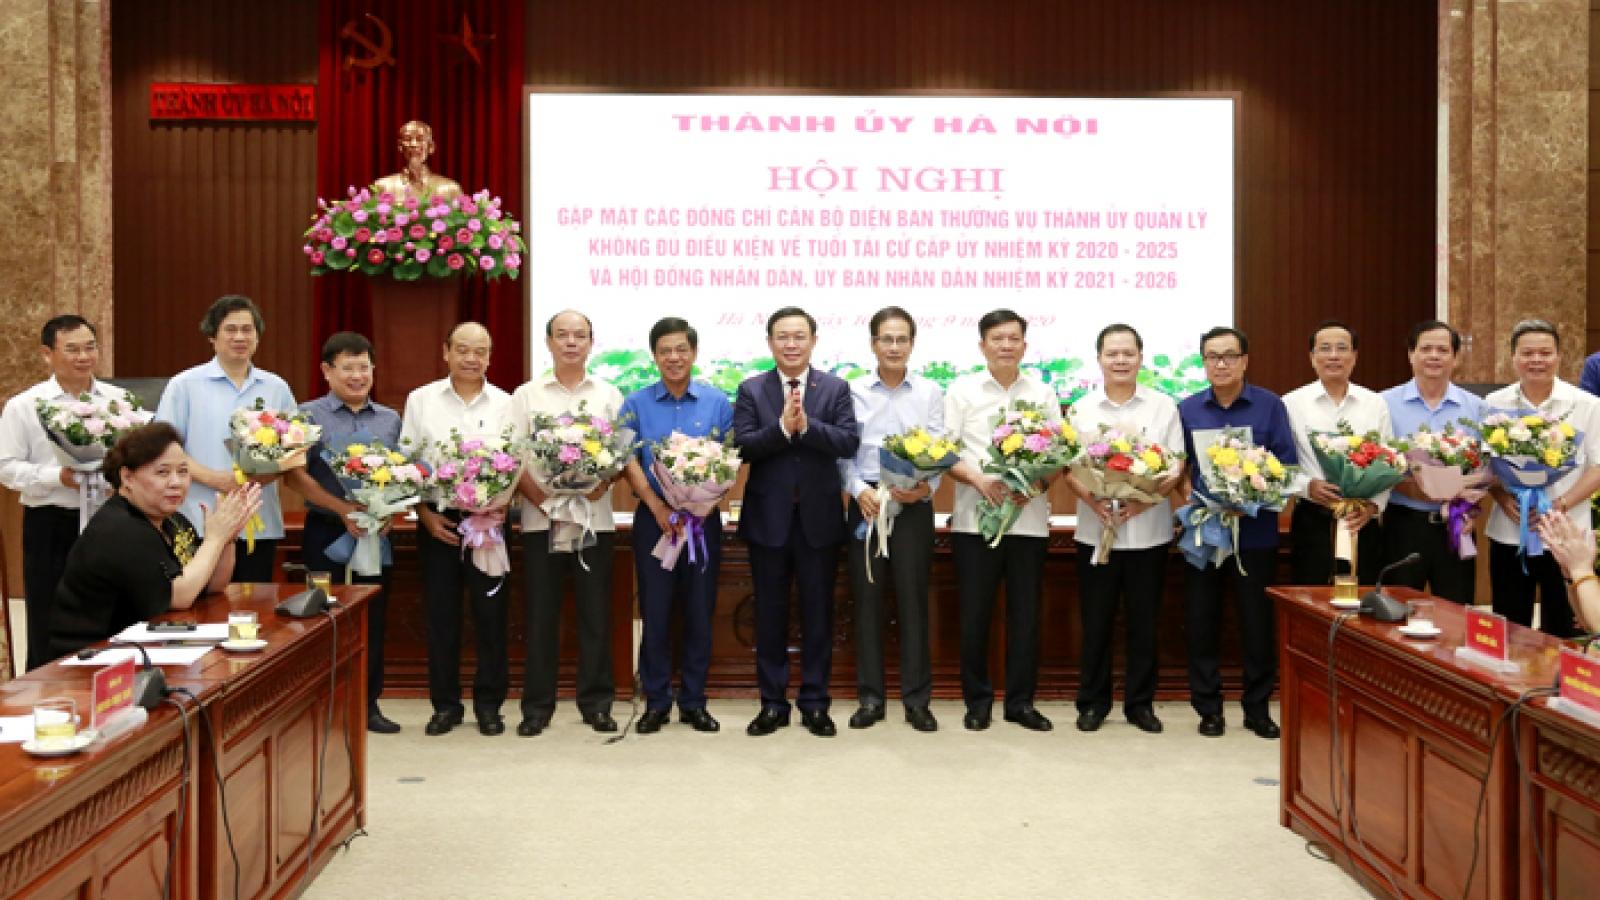 Hà Nội: Nhiều cán bộ thuộc diện Ban Thường vụ Thành ủy quản lý tự nguyện xin nghỉ sớm